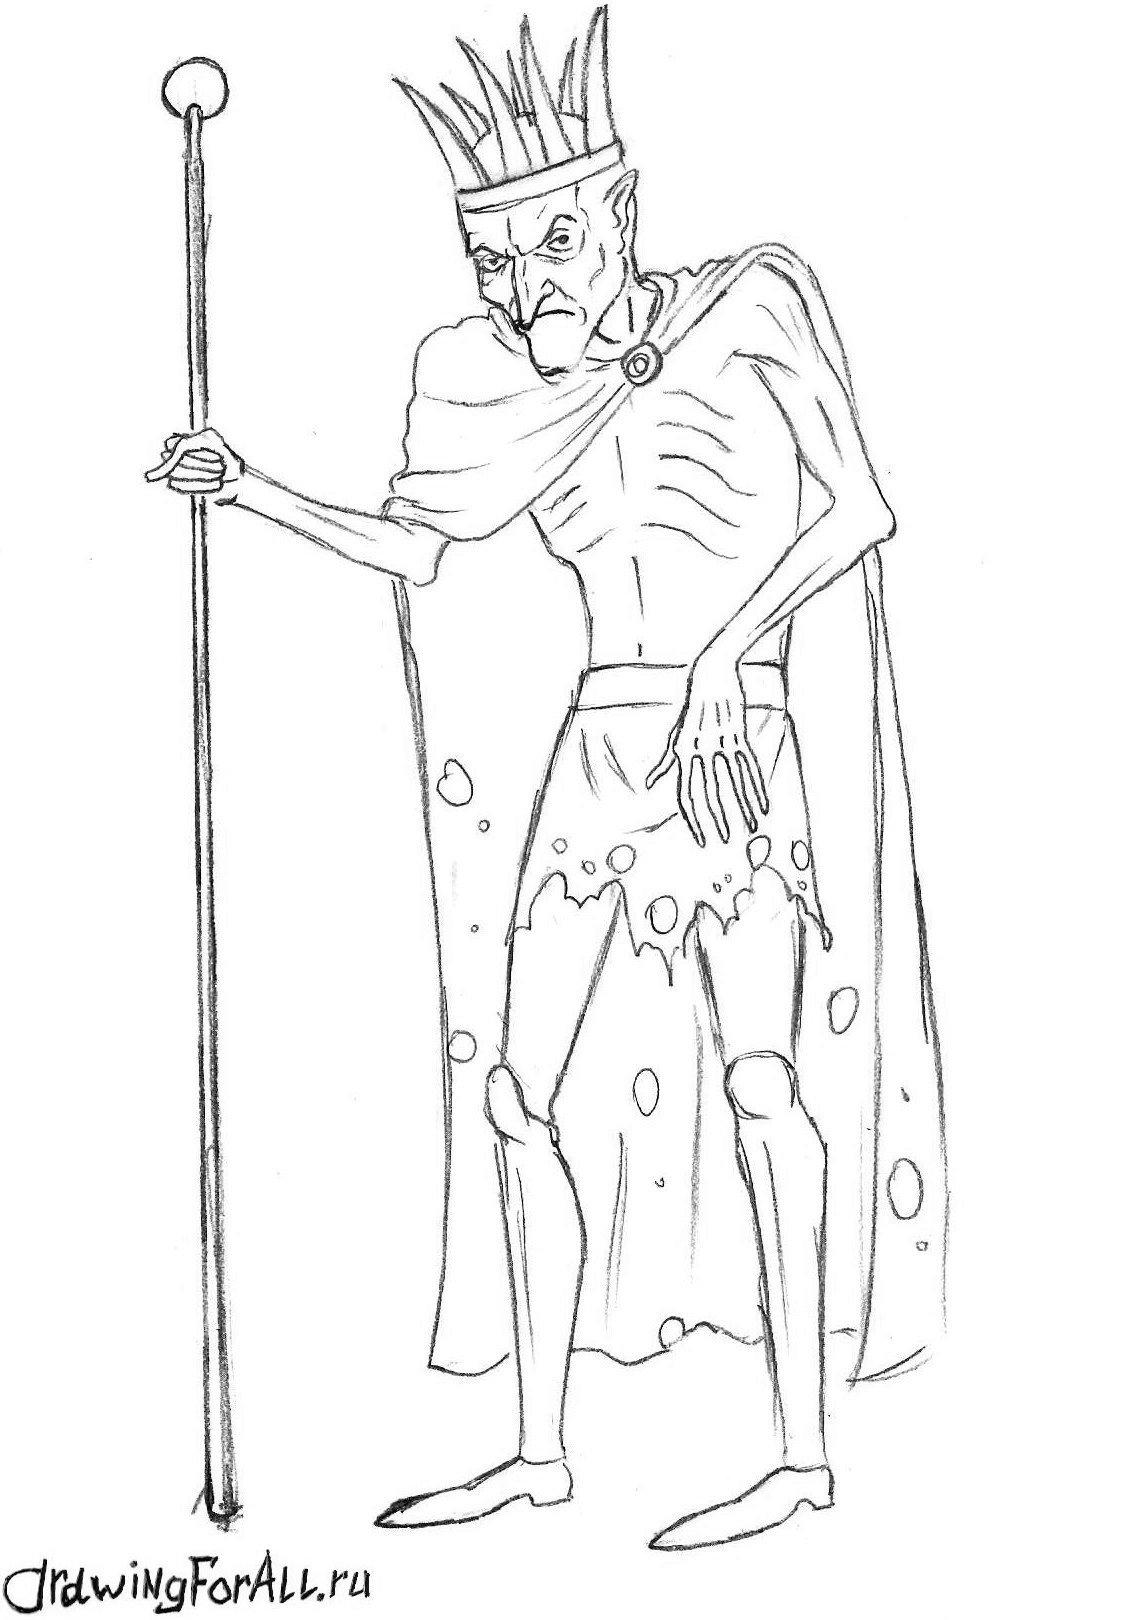 Как нарисовать Кощея из сказок